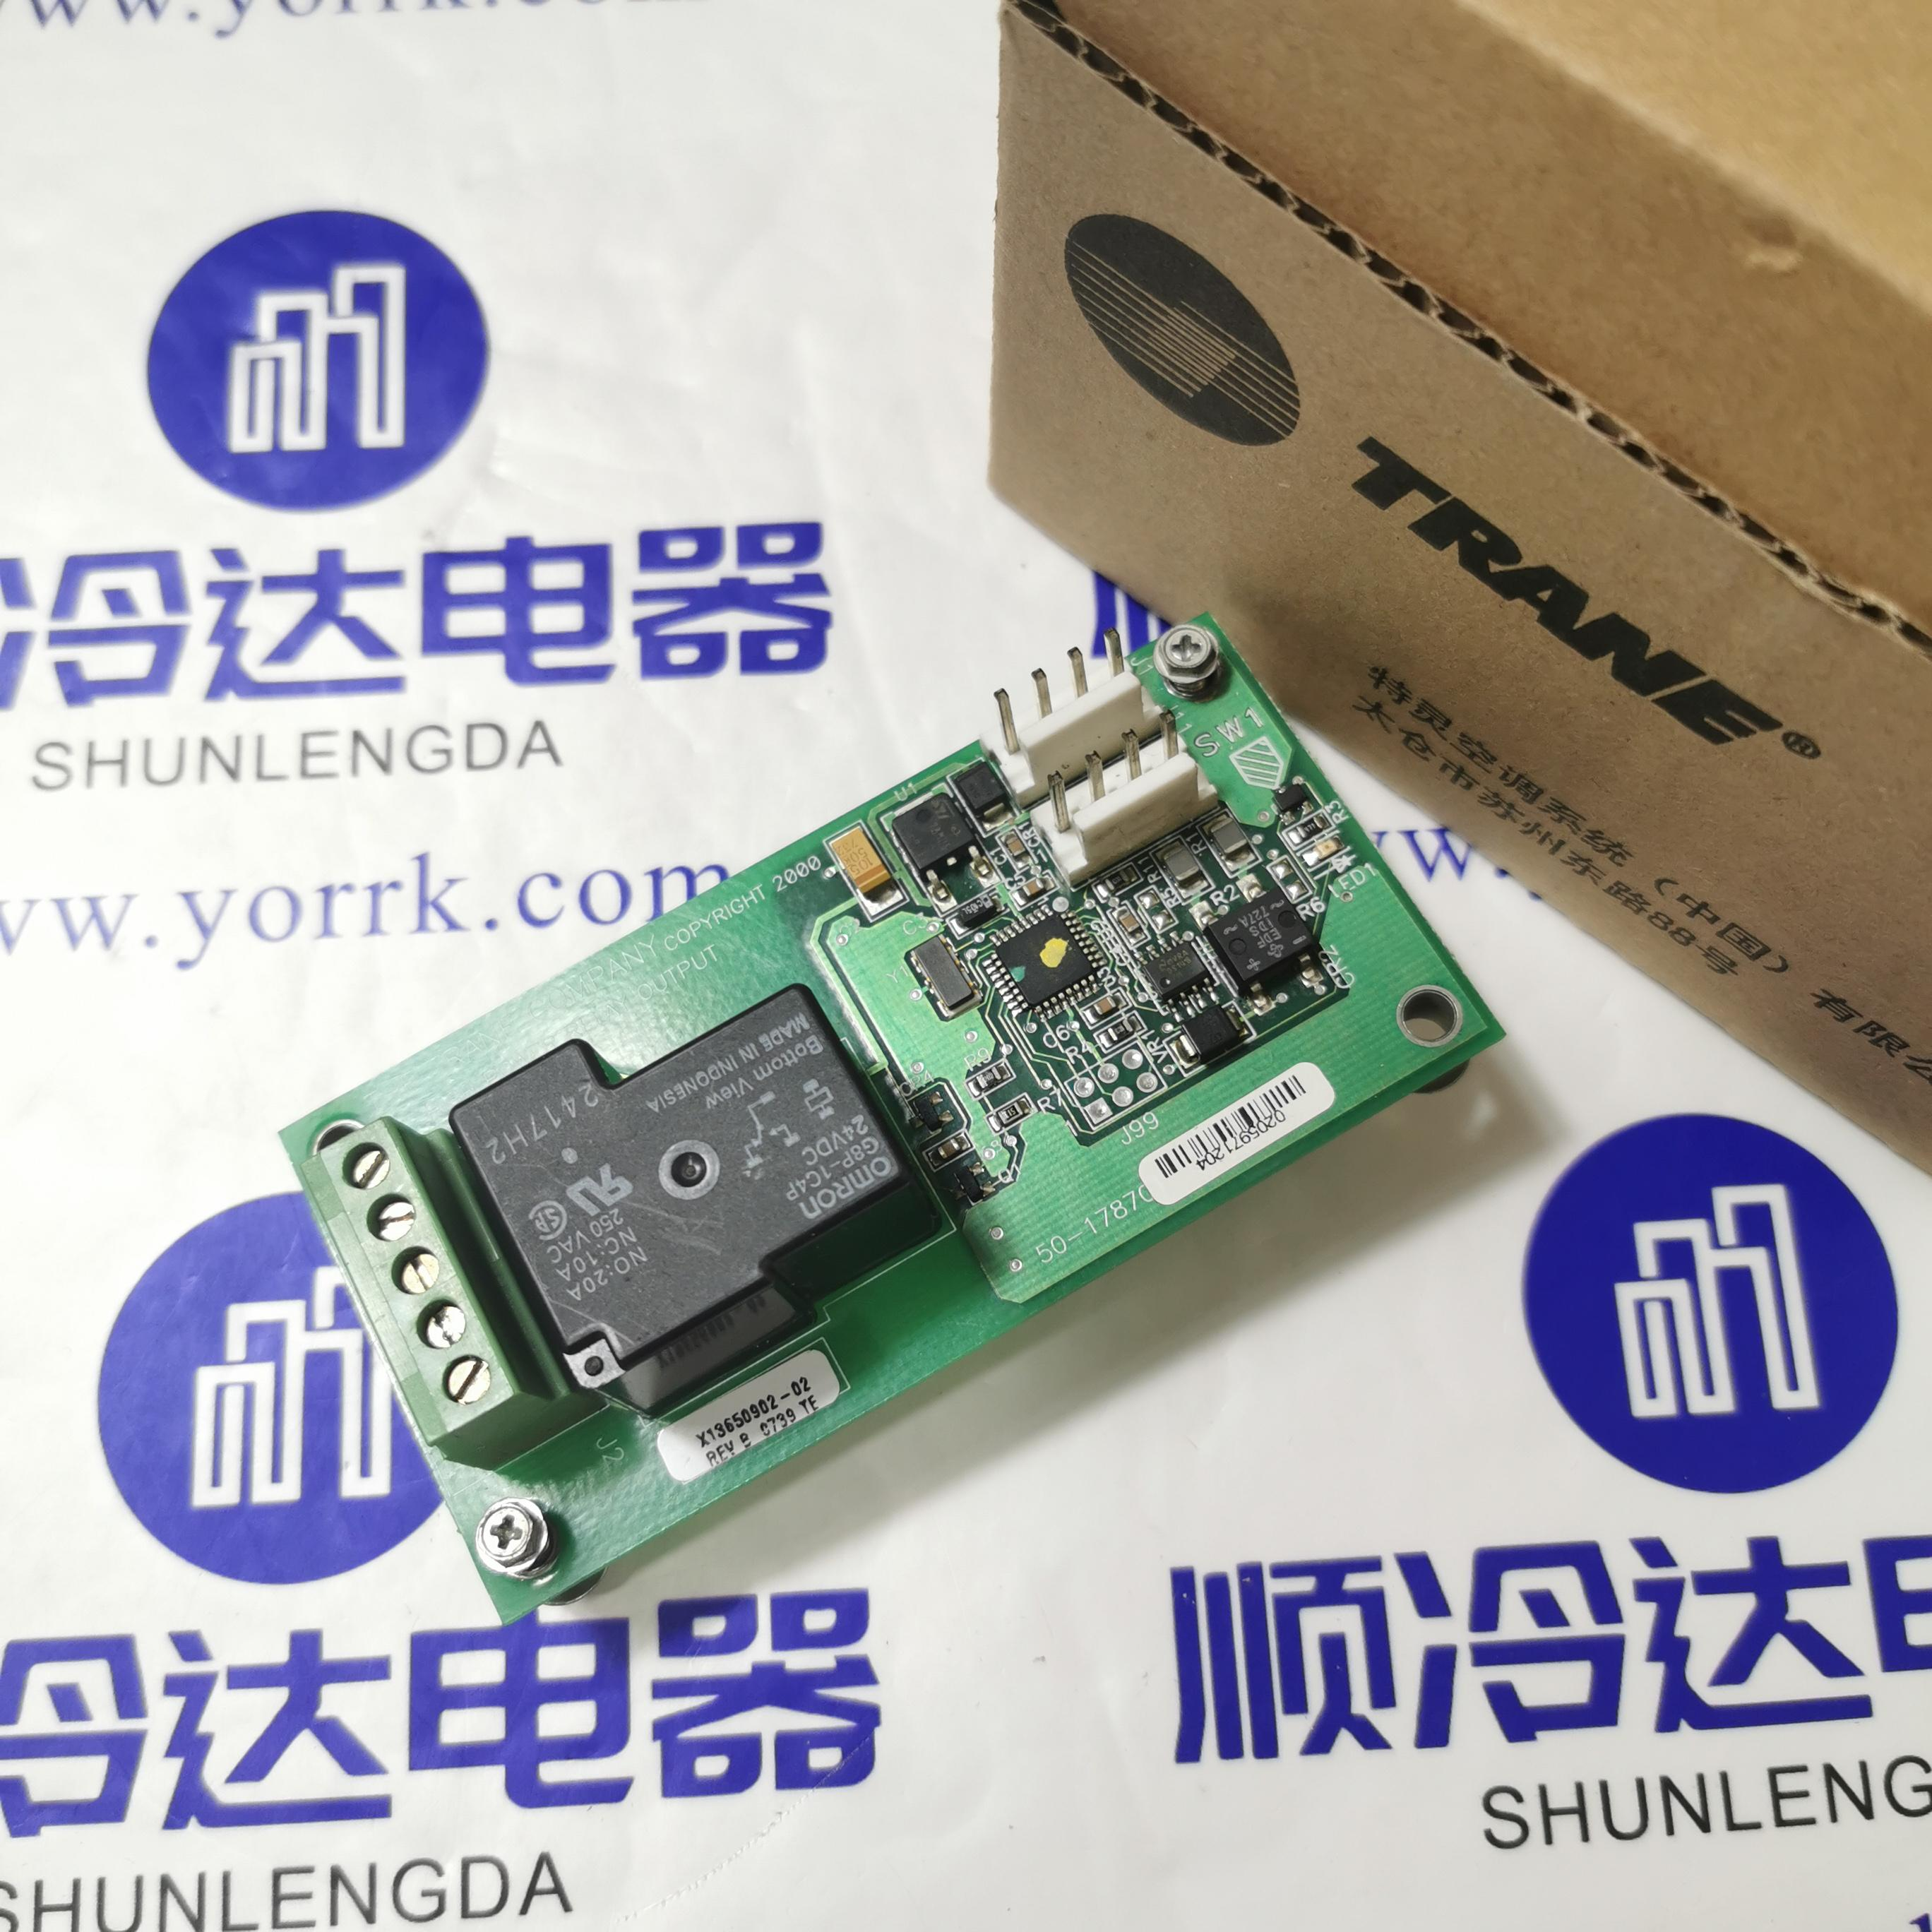 Trane Air Conditioning Repair Parts MOD0140 Oil Pump Output Module 1A7 Exhaust Control X13650902-02